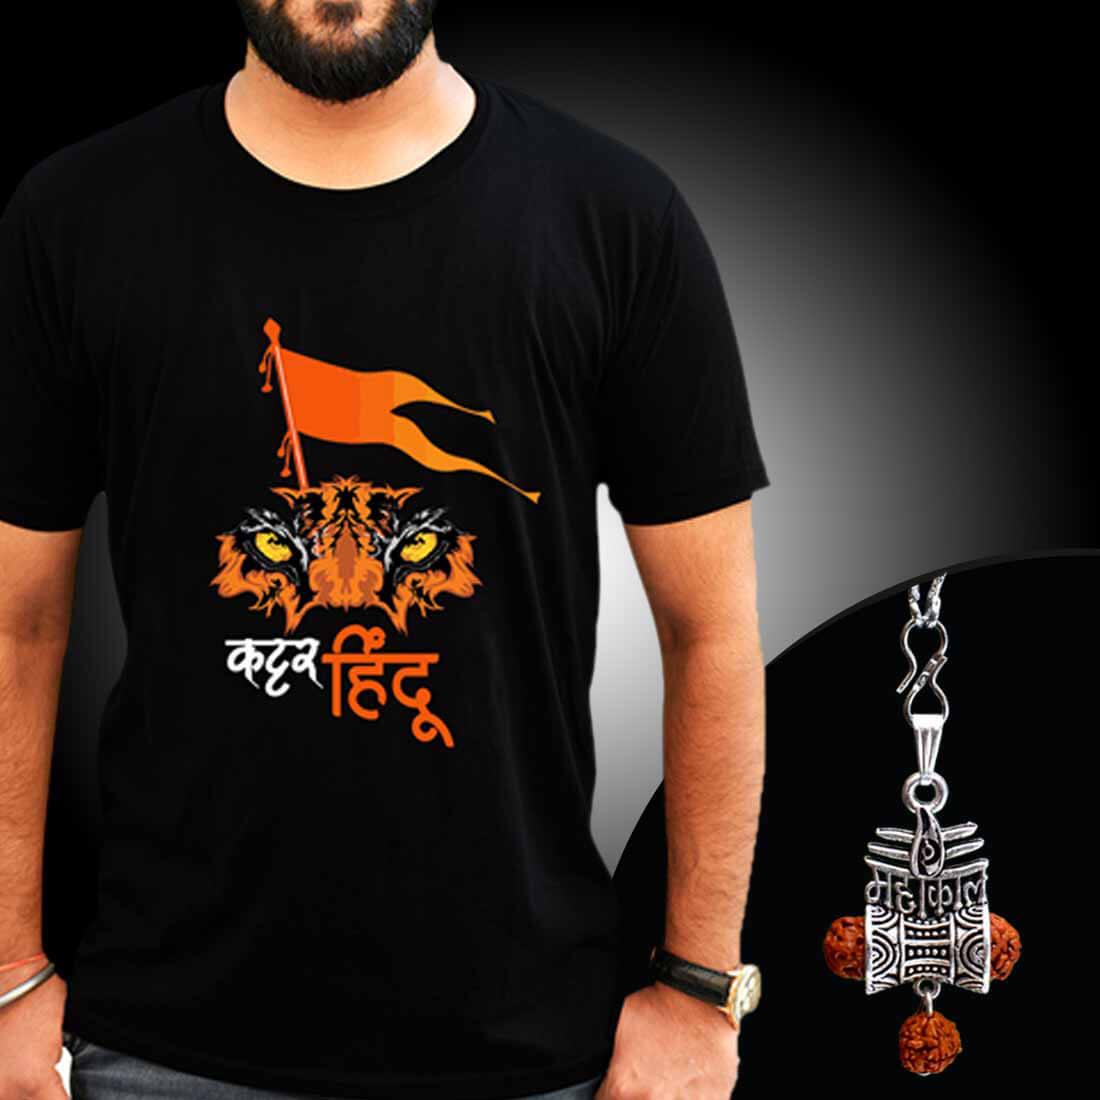 Hindu Quotes Printed T Shirt Combo With Mahakal Locket